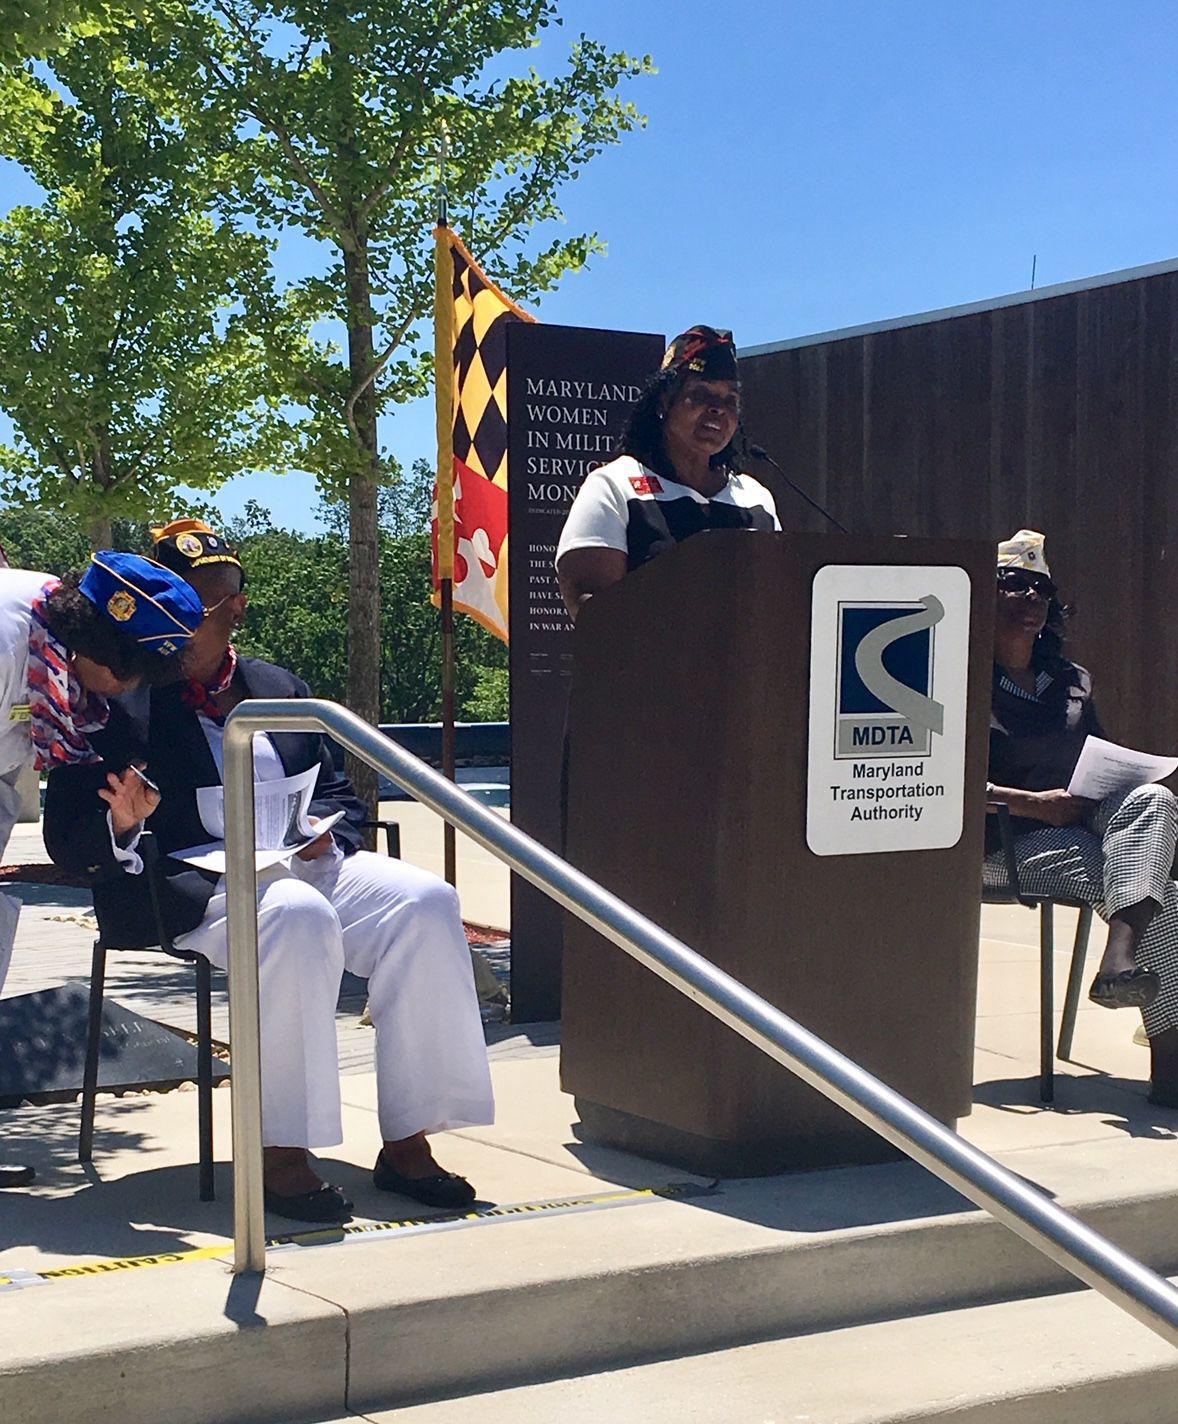 Maryland DAV honors women in military